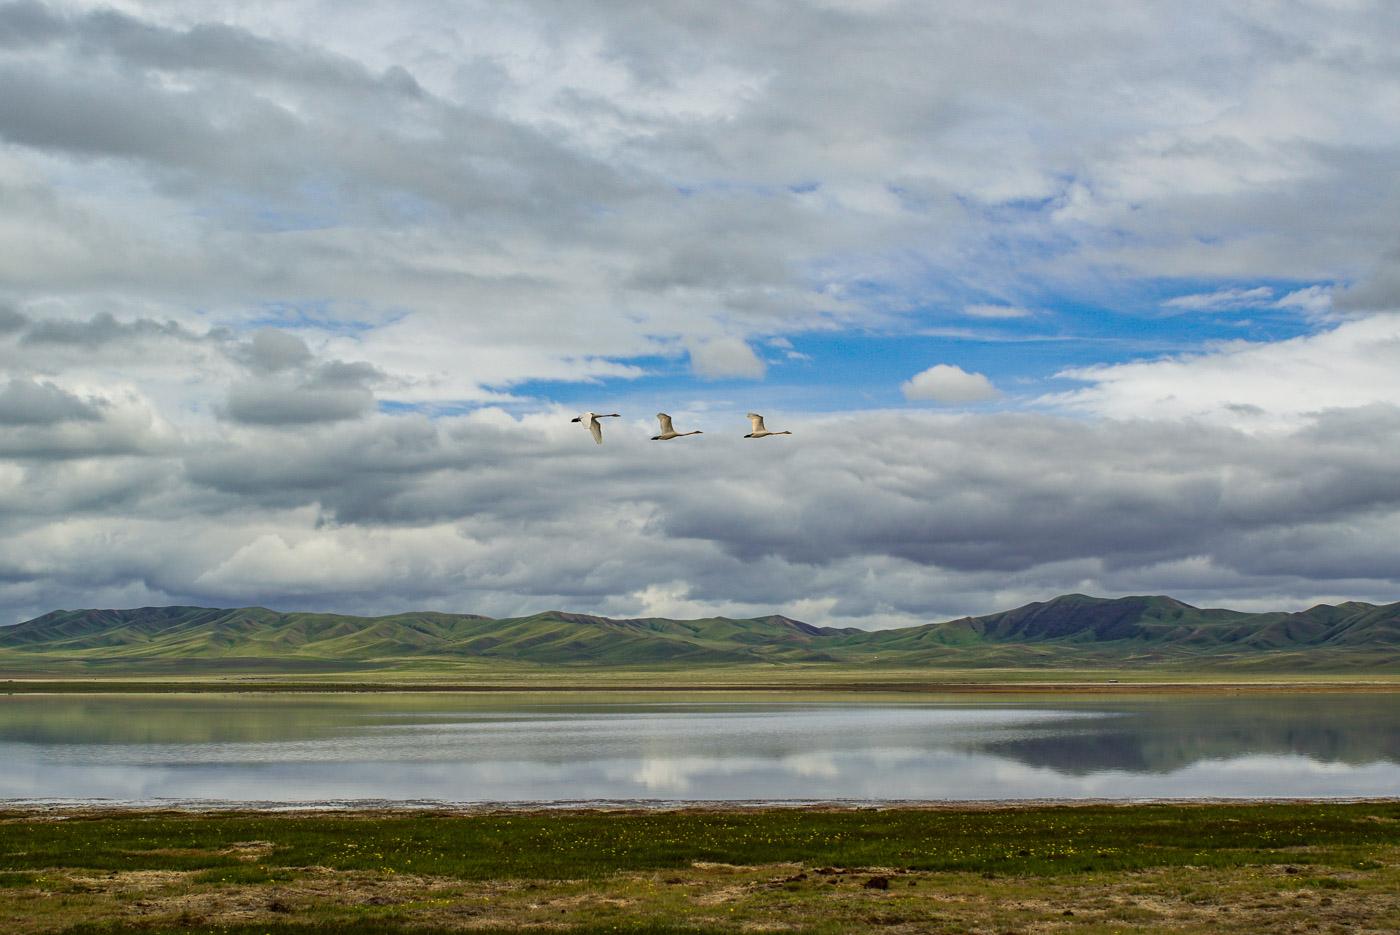 Drei Schwäne fliegen hintereinander über den tokul lake in diesem Spiegel sich der teilweise bedeckte Himmel Punkt im Hintergrund erheben sich die grüne grün bewachsenen Berge.